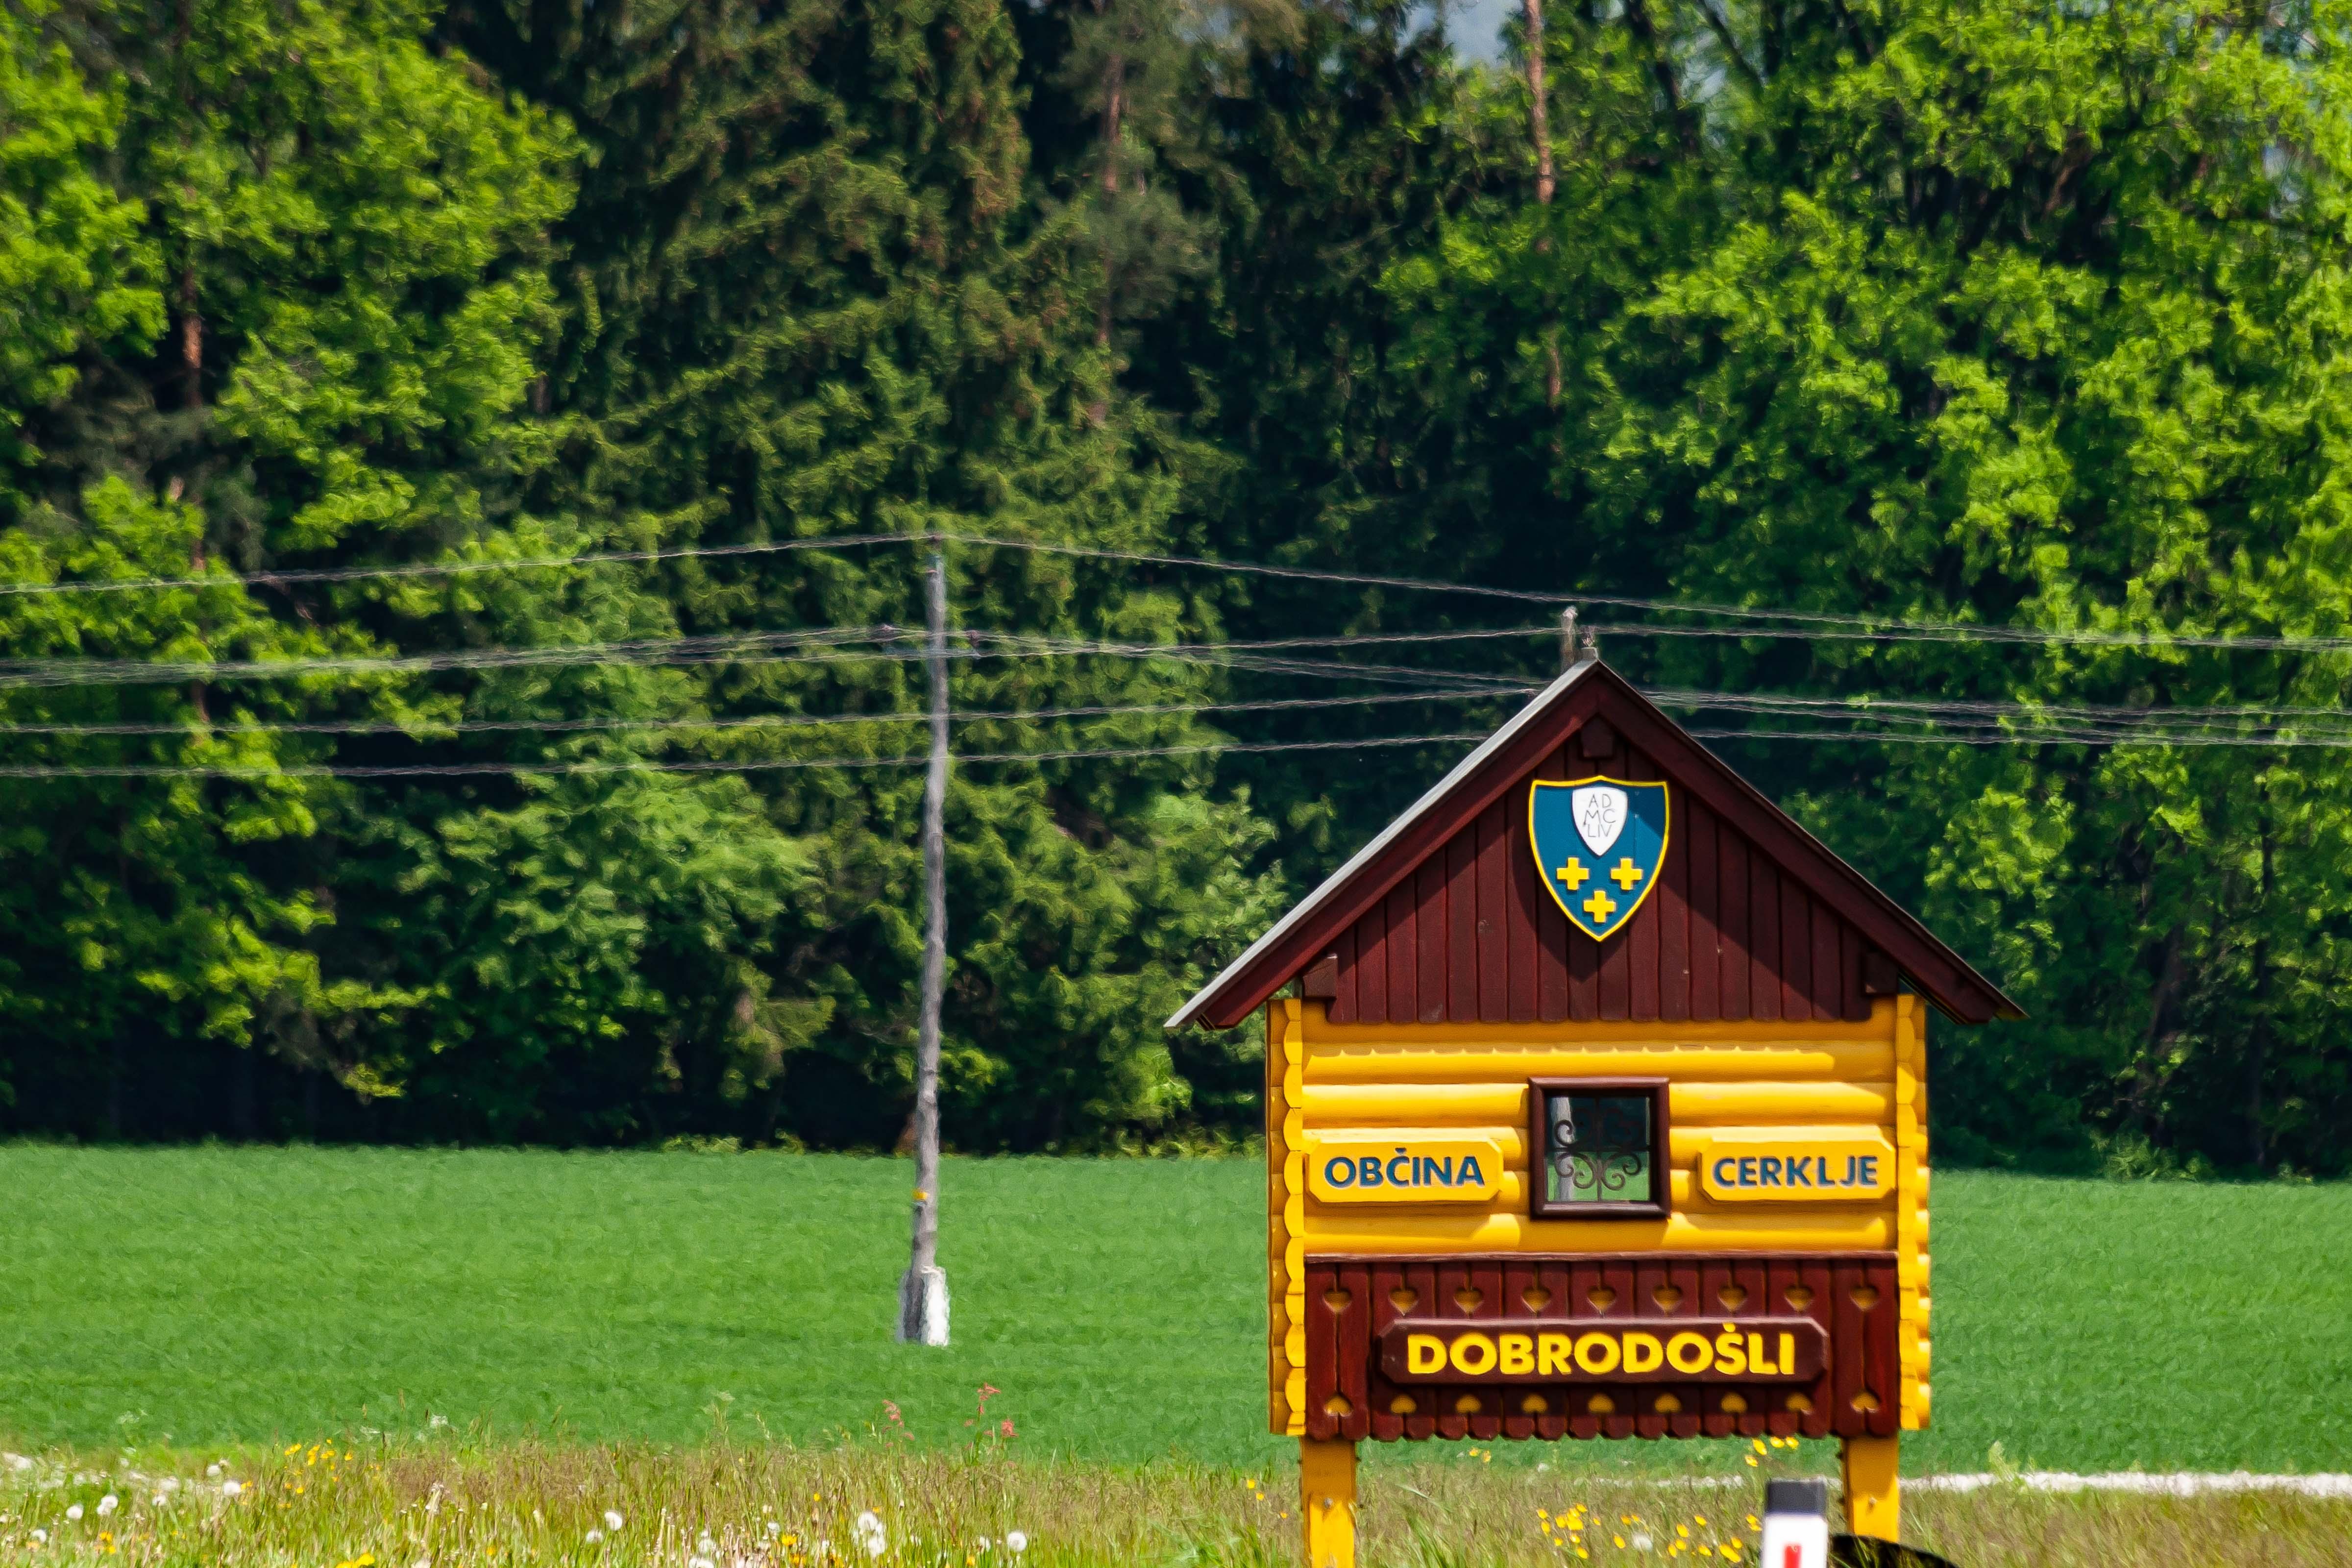 Slovenia, Cerklje Na Gorenjskem Prov, Dobrodosli Obcina Cerklje Na Gorenjskem, 2006, IMG 5991